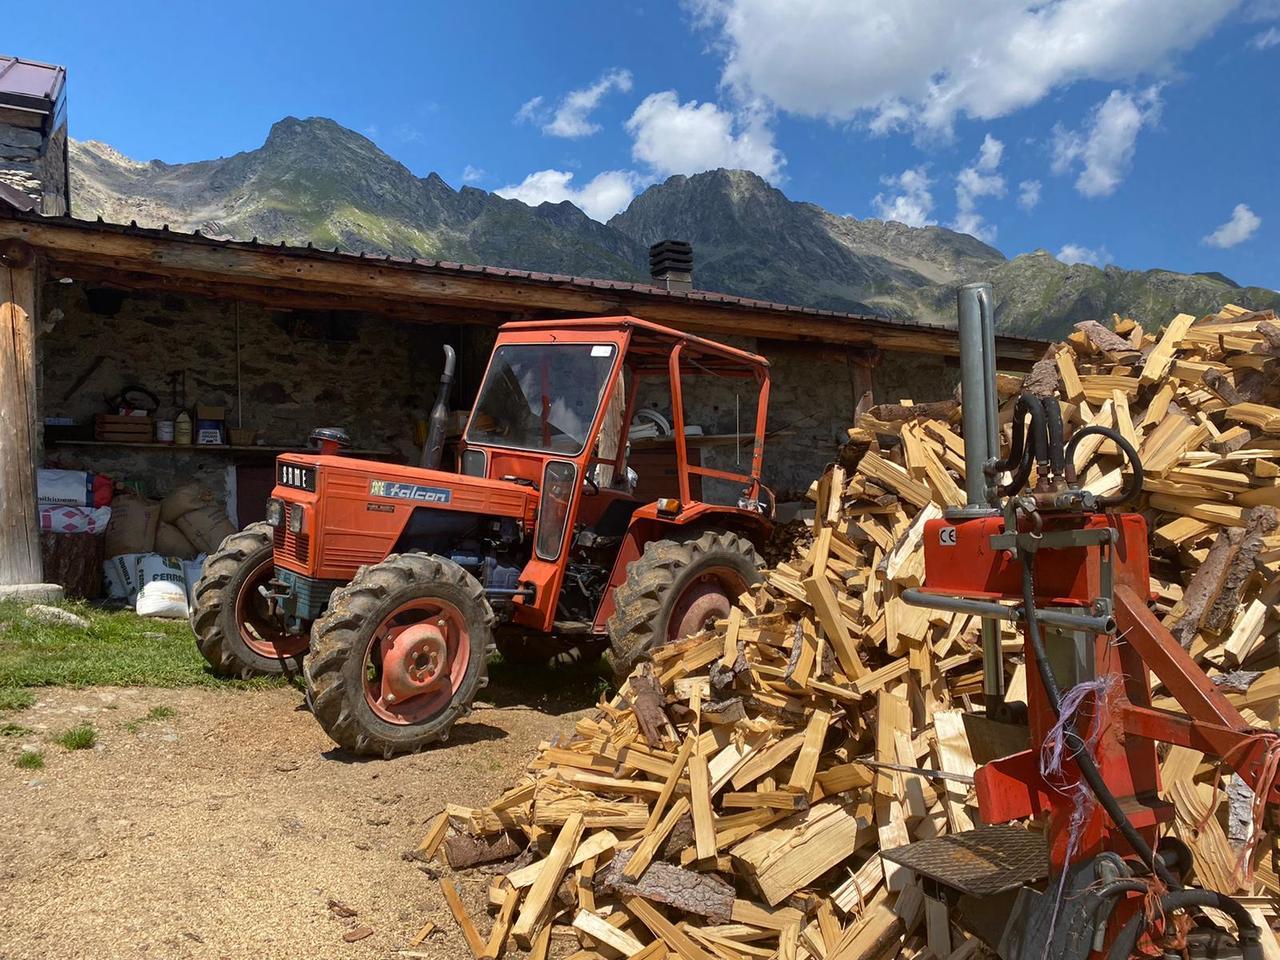 [SAME] trattore Falcon con attrezzatura per tagliare la legna